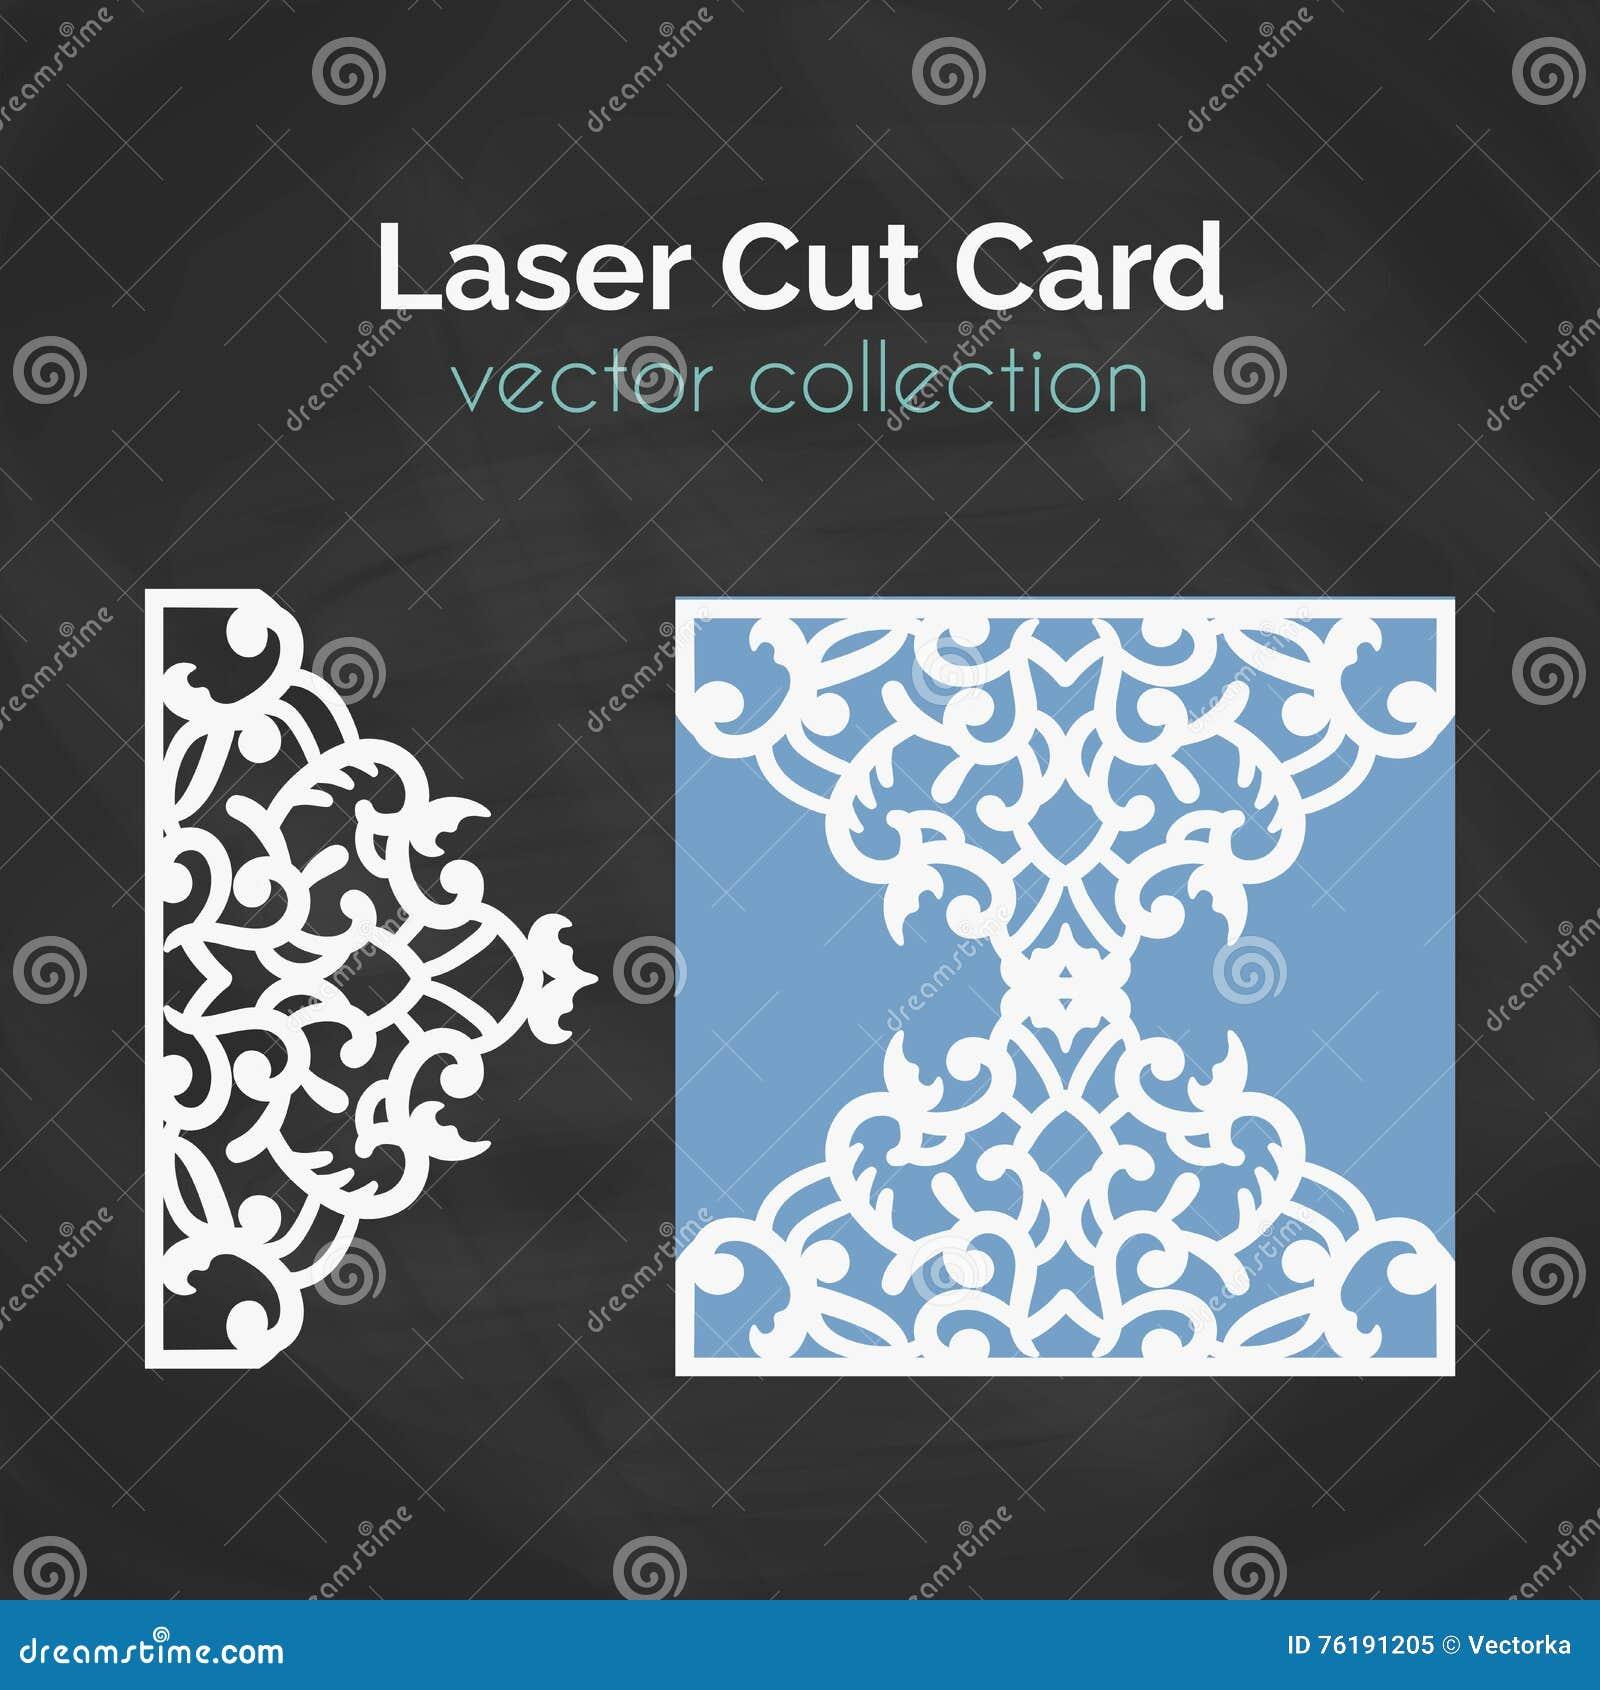 Laser-snittkort Mall för laser-klipp Utklippillustration med abstrakt garnering Stansat gifta sig inbjudan